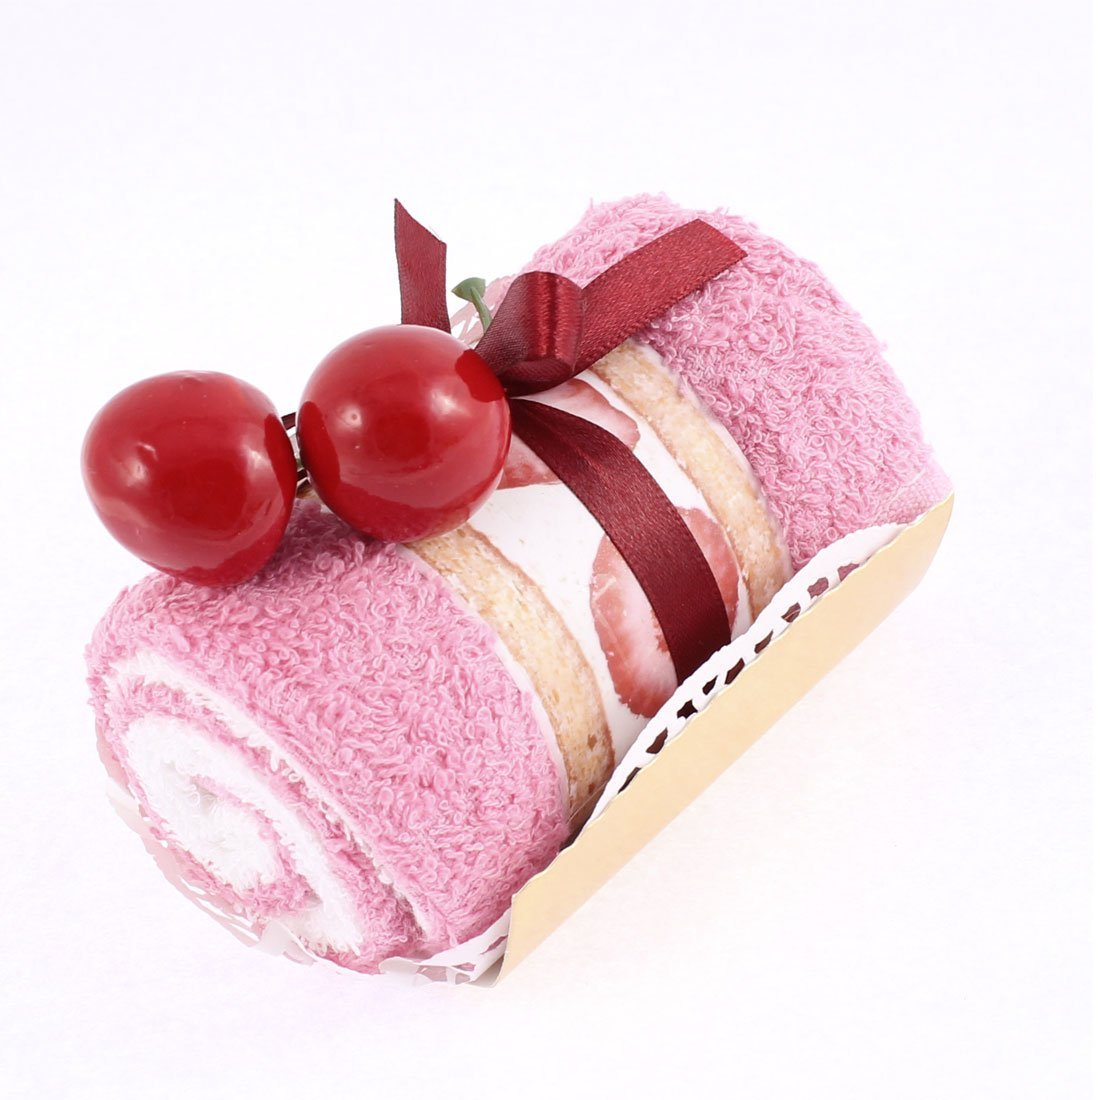 Amazon.com: eDealMax Diseño Fiesta de la boda decoración de Cereza la Torta del rodillo Mano del Regalo de la toalla rosada: Home & Kitchen